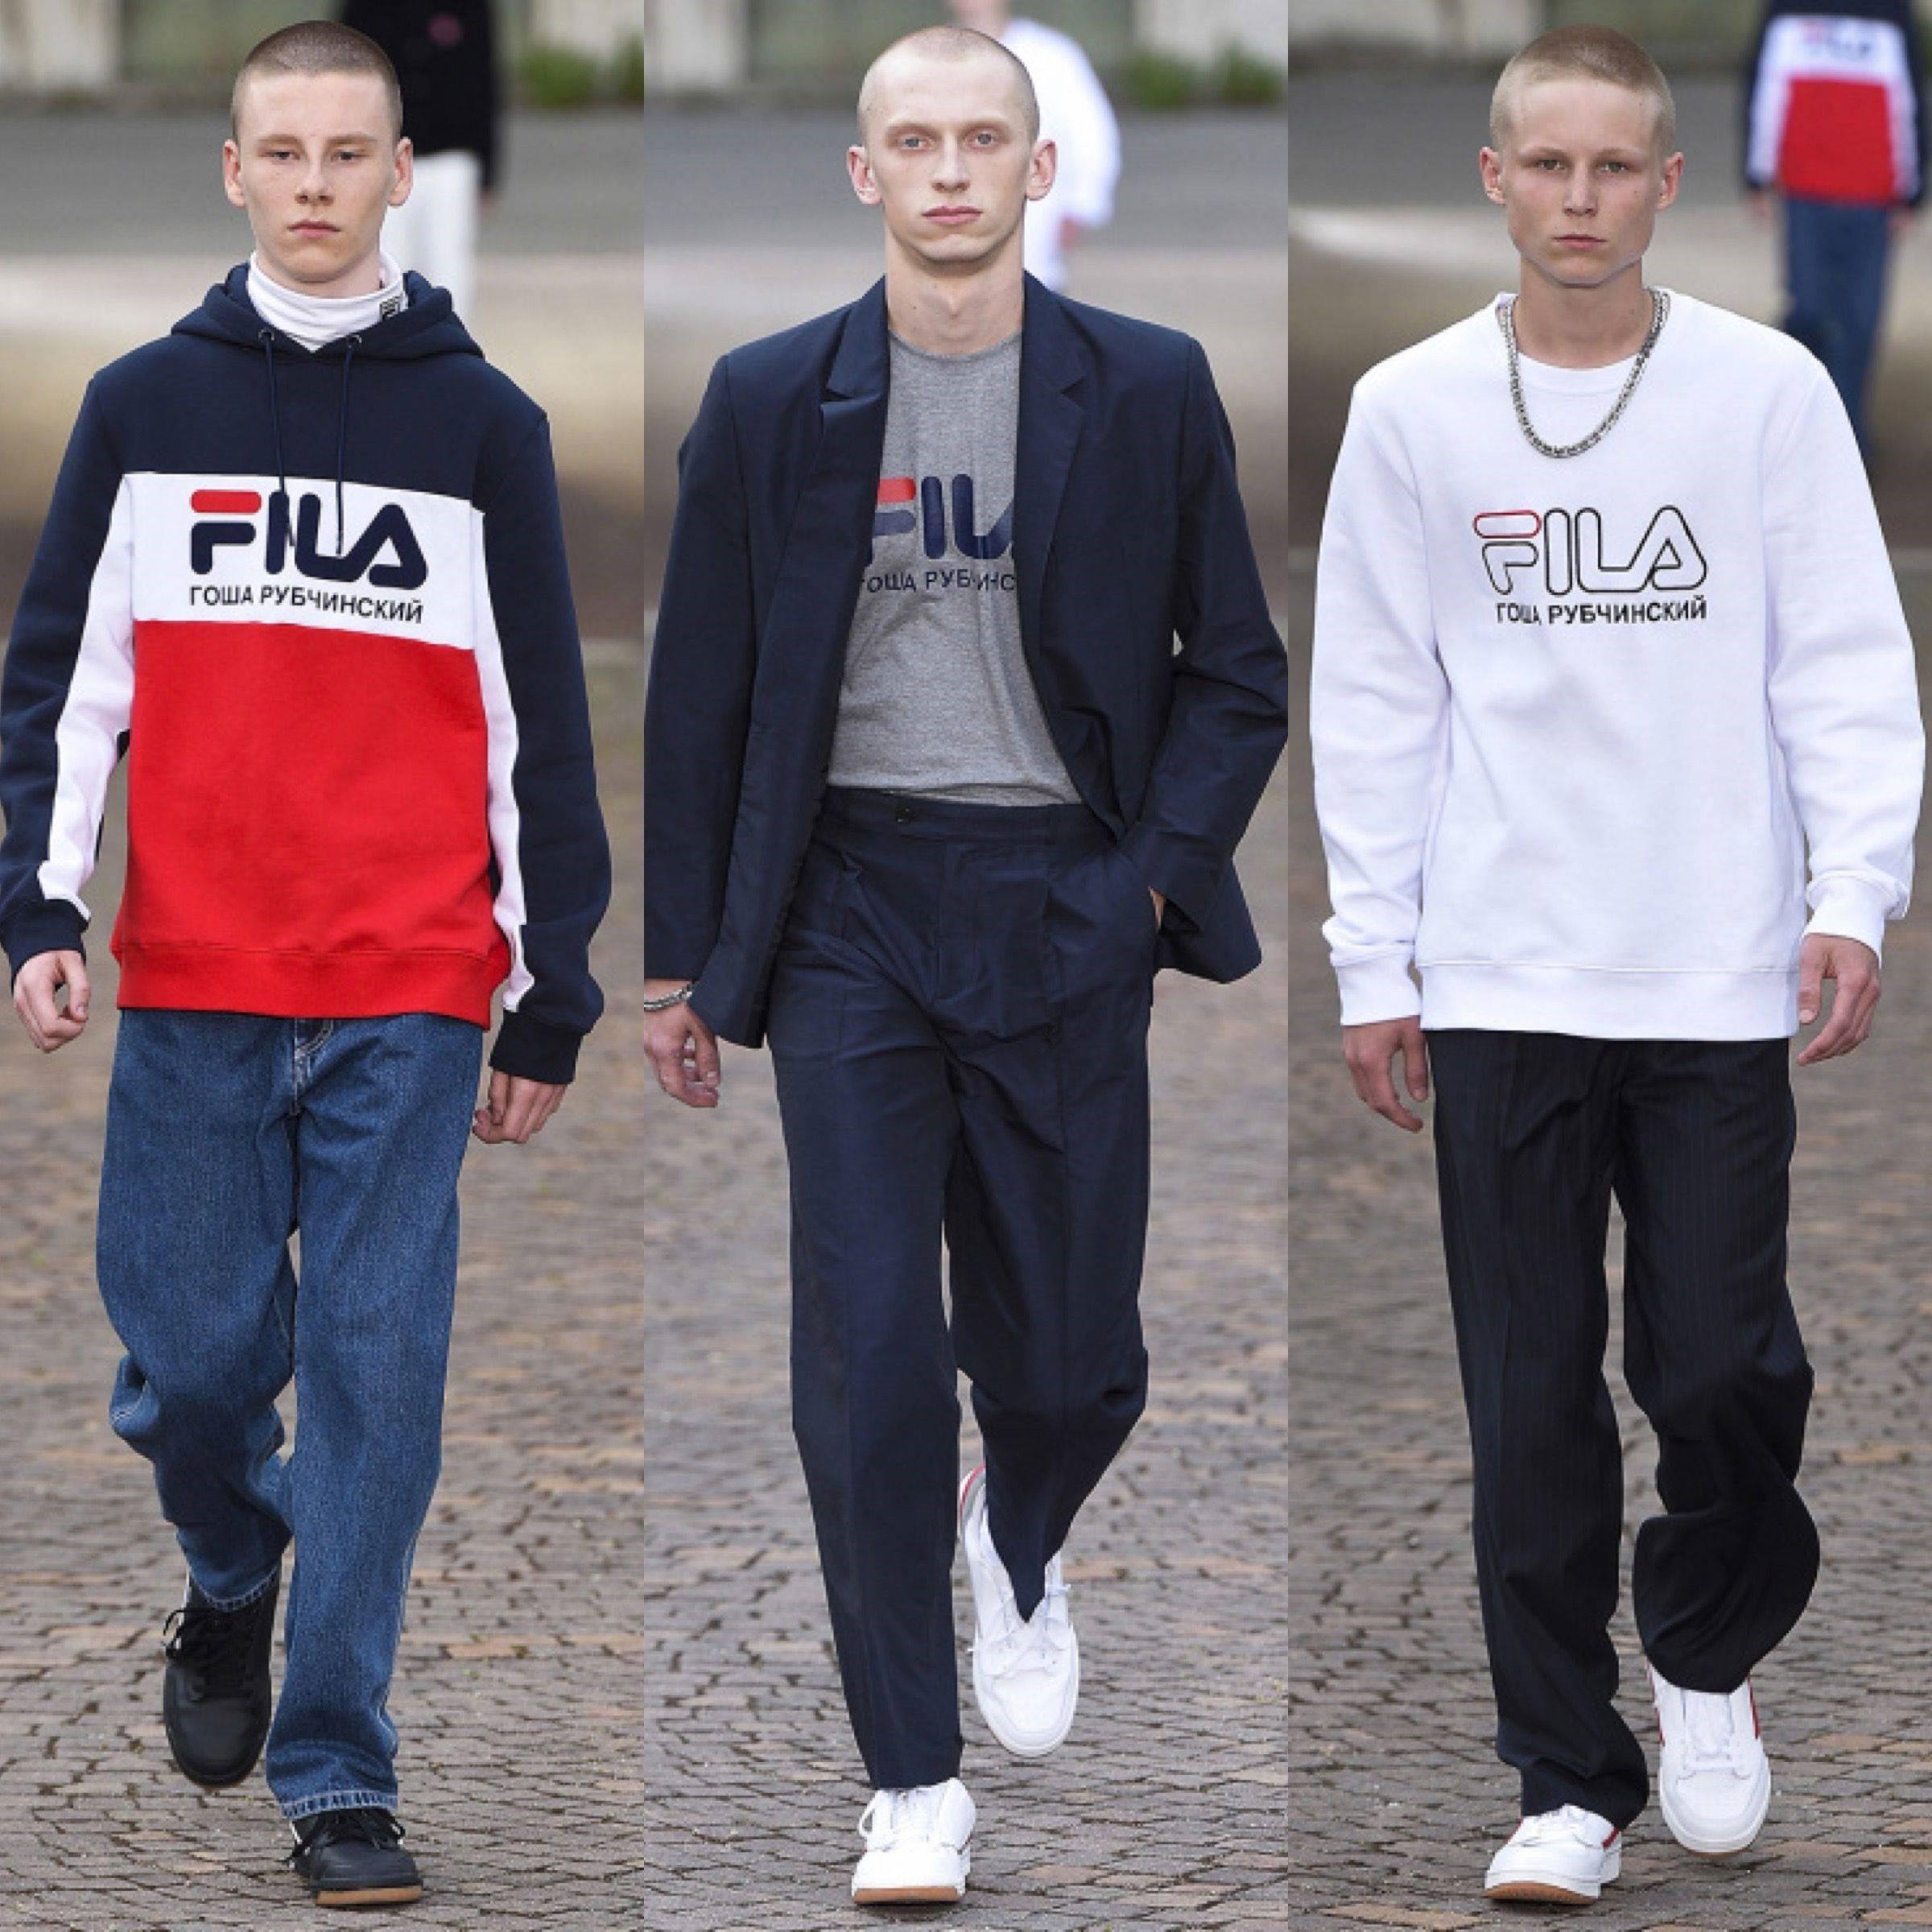 Топ 5 популярных брендов одежды для молодёжи